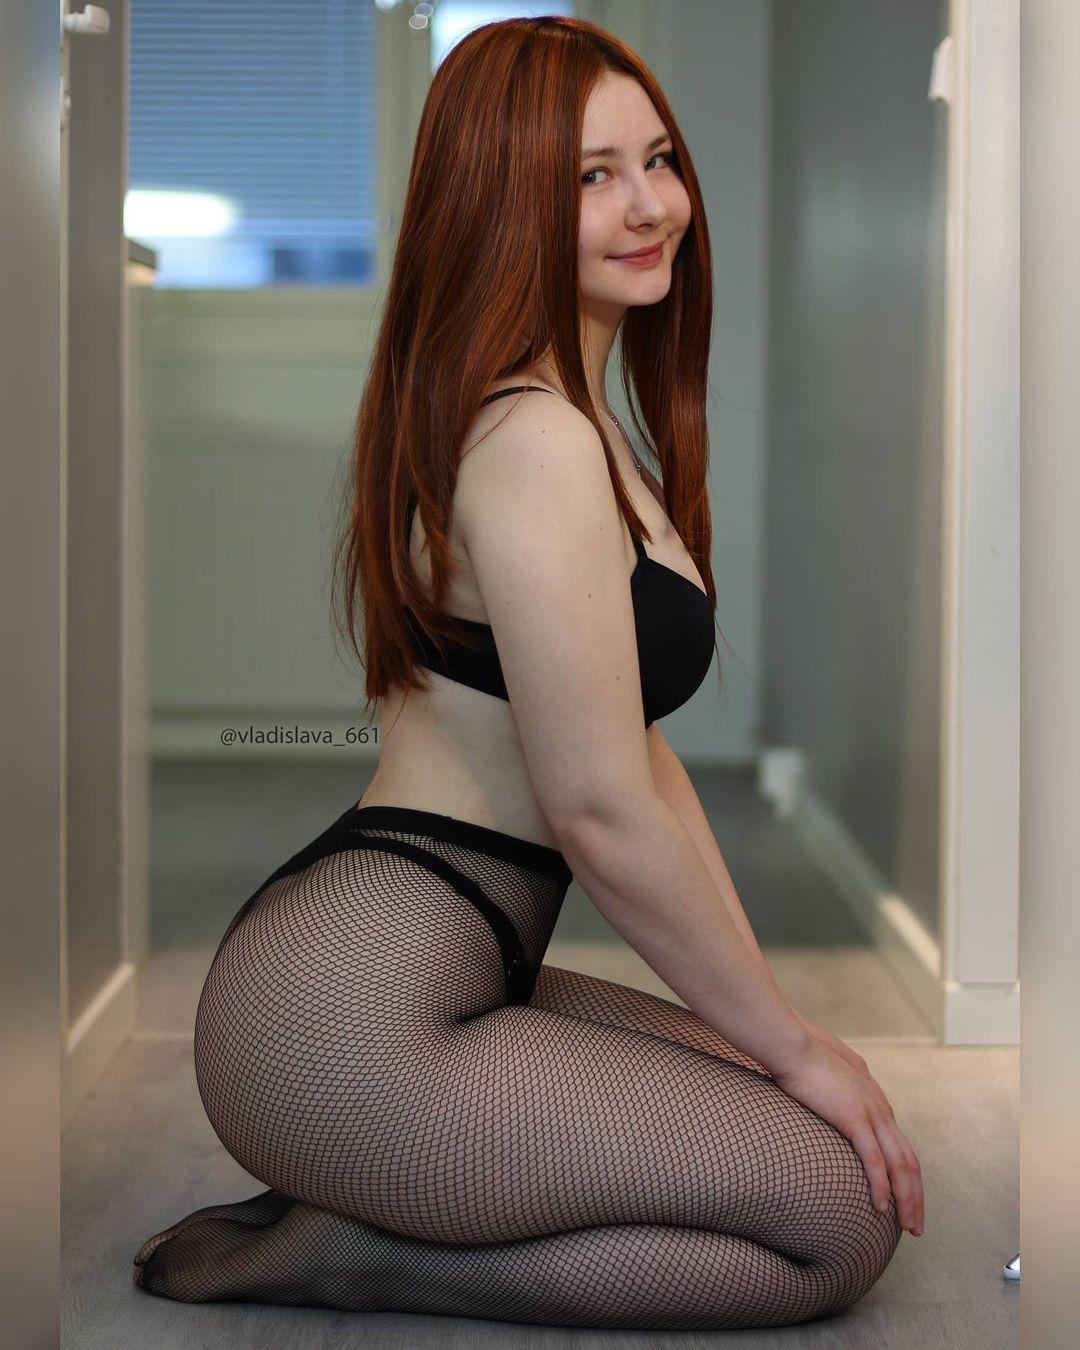 Vladislava Shelygina, Gadis Cantik dan Seksi Asal Rusia